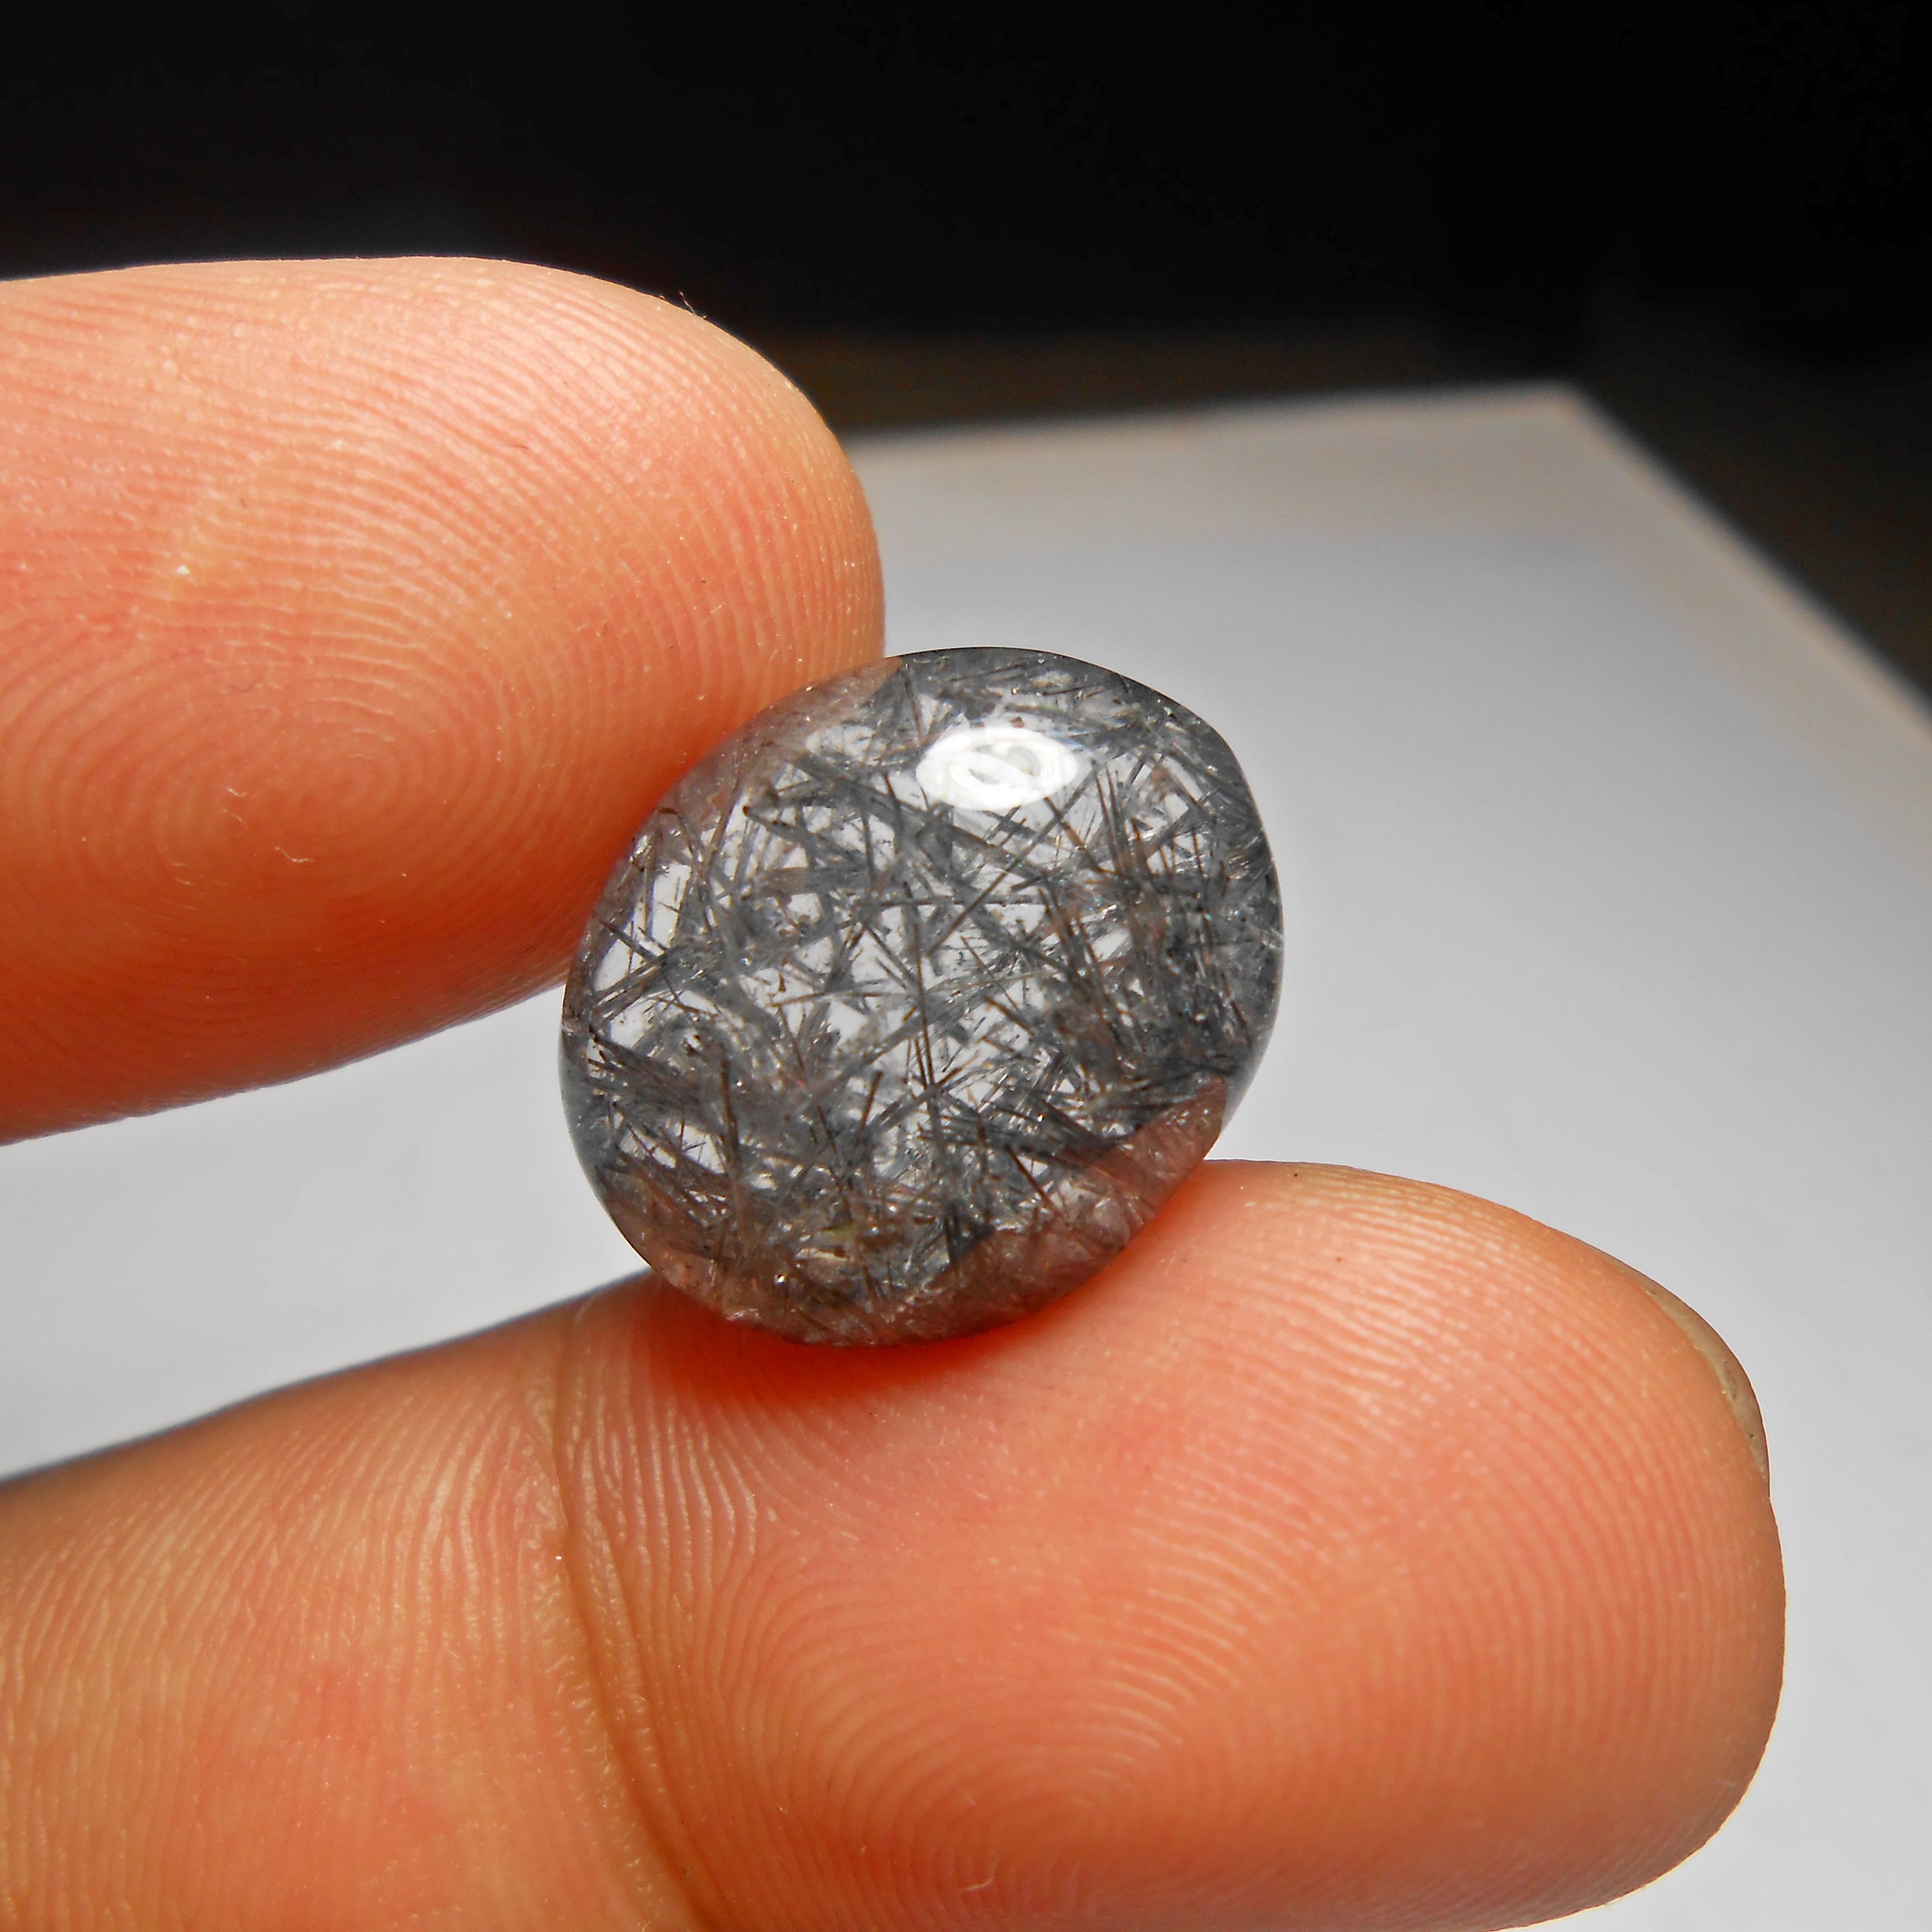 แก้วขนเหล็กเส้นสวย คม น้ำใสขนาด 1.7x1.4 cm ทำ จี้ หรือ แหวน สวยๆ